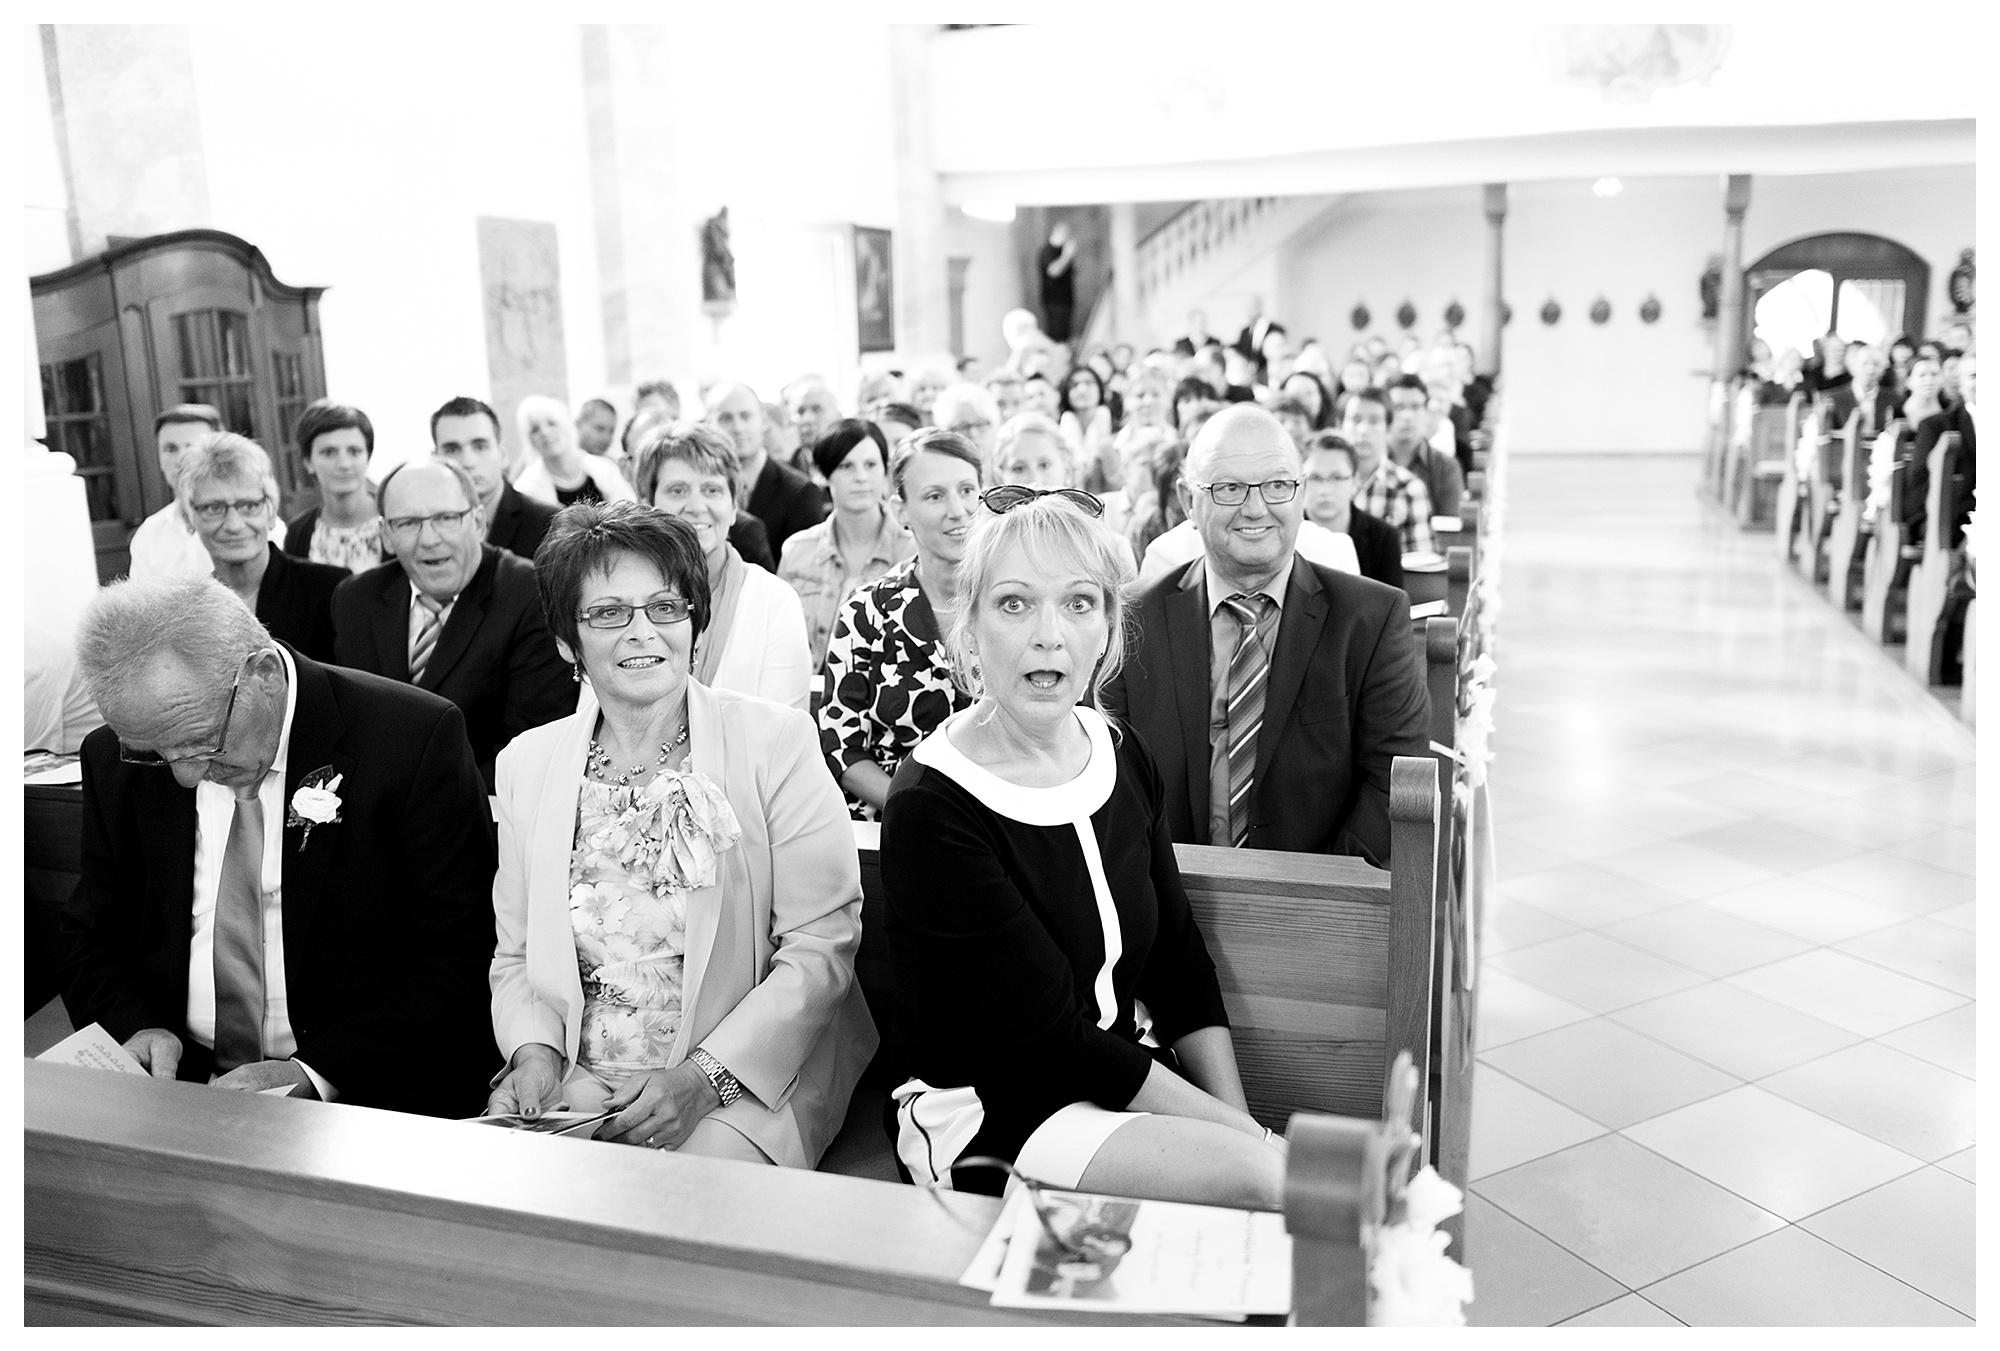 Fotograf Konstanz - Best of 2014 Elmar Feuerbacher Photography Hochzeit Portrait 053 - Rückblick auf 2014  - 64 -